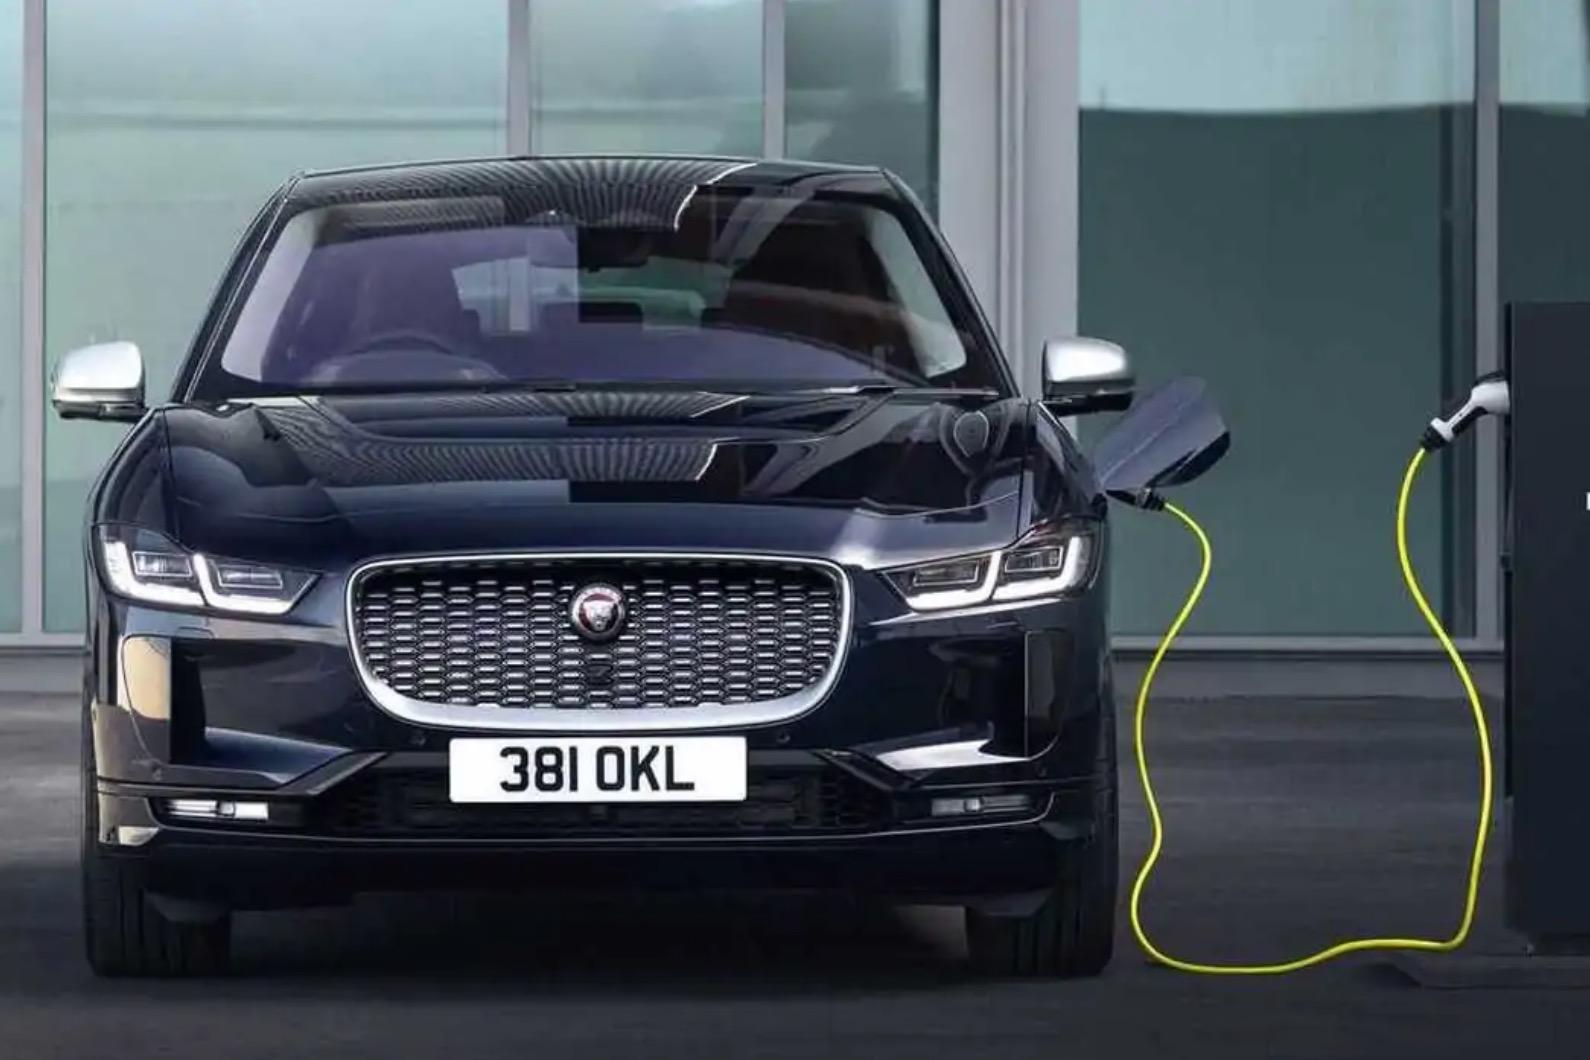 捷豹只需要一辆纯电SUV就能进军高端市场